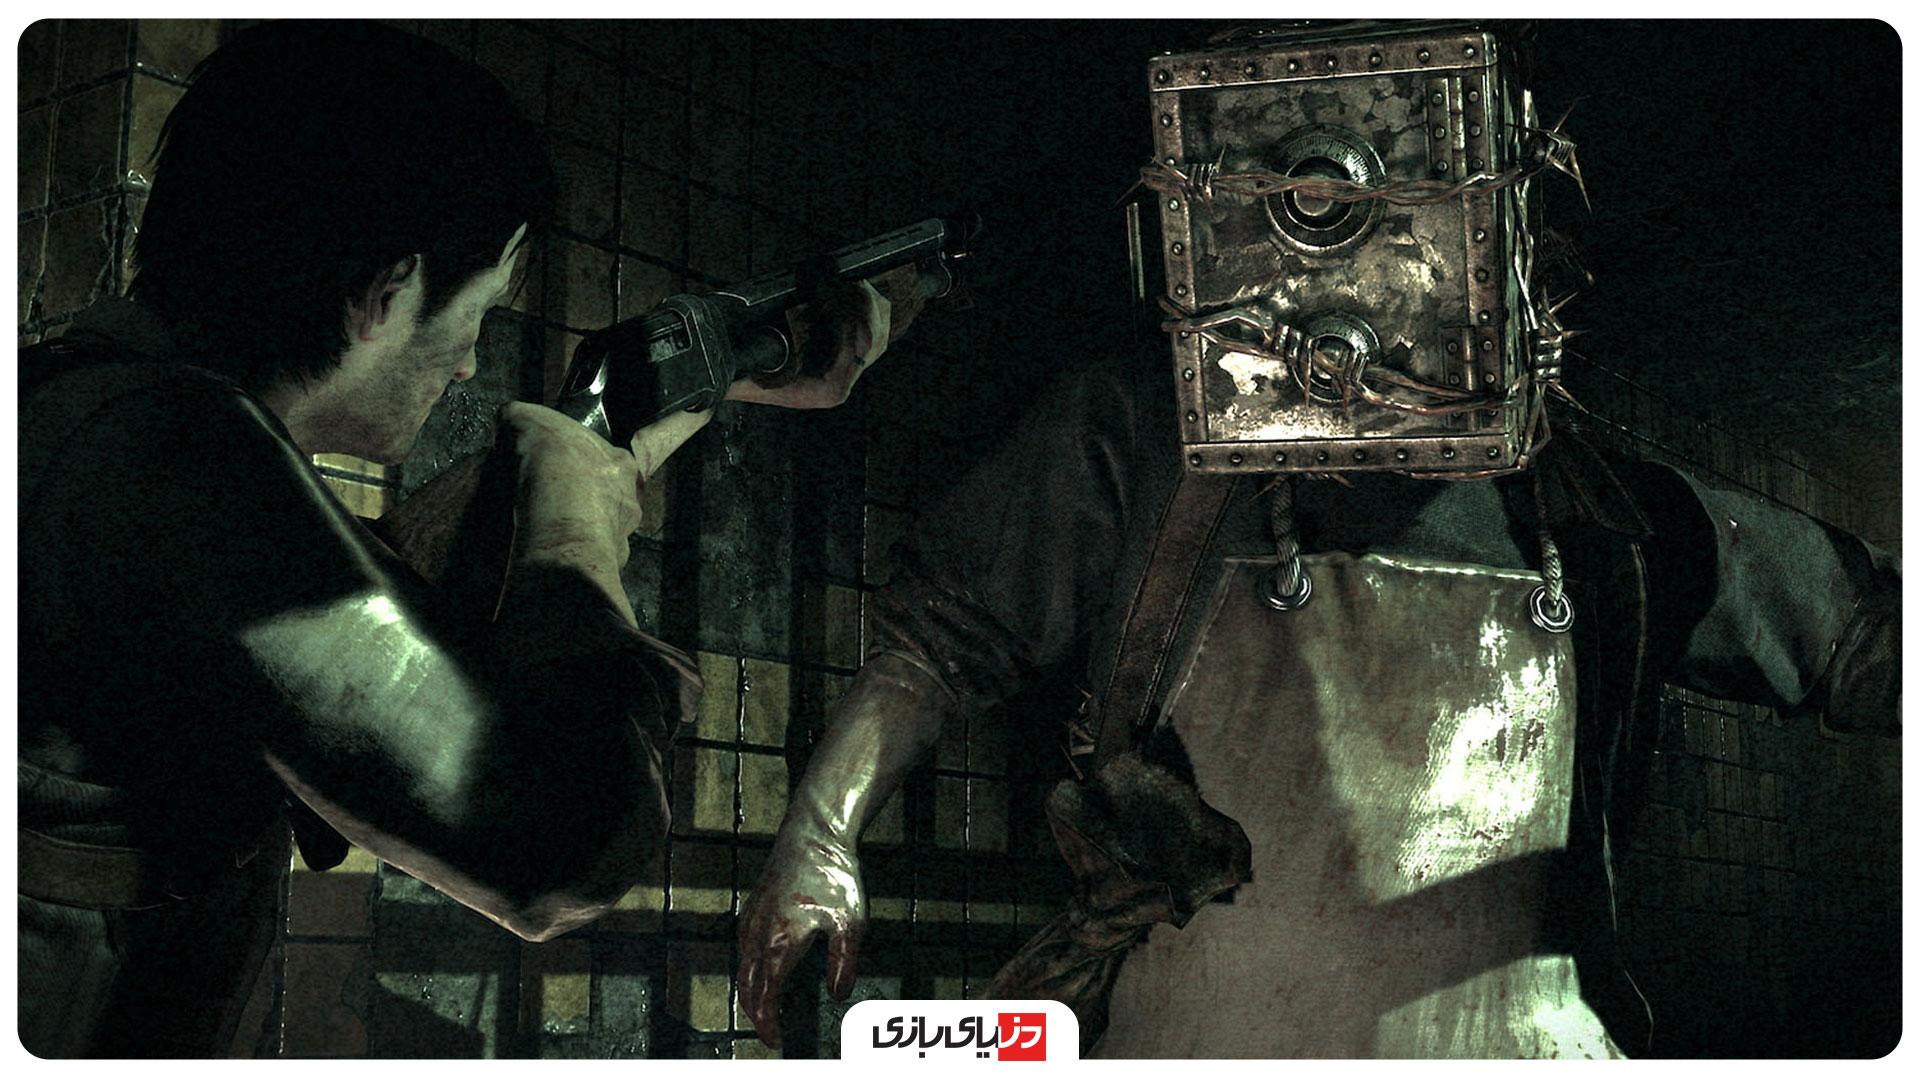 ترسناک ترین بازی جهان ps4